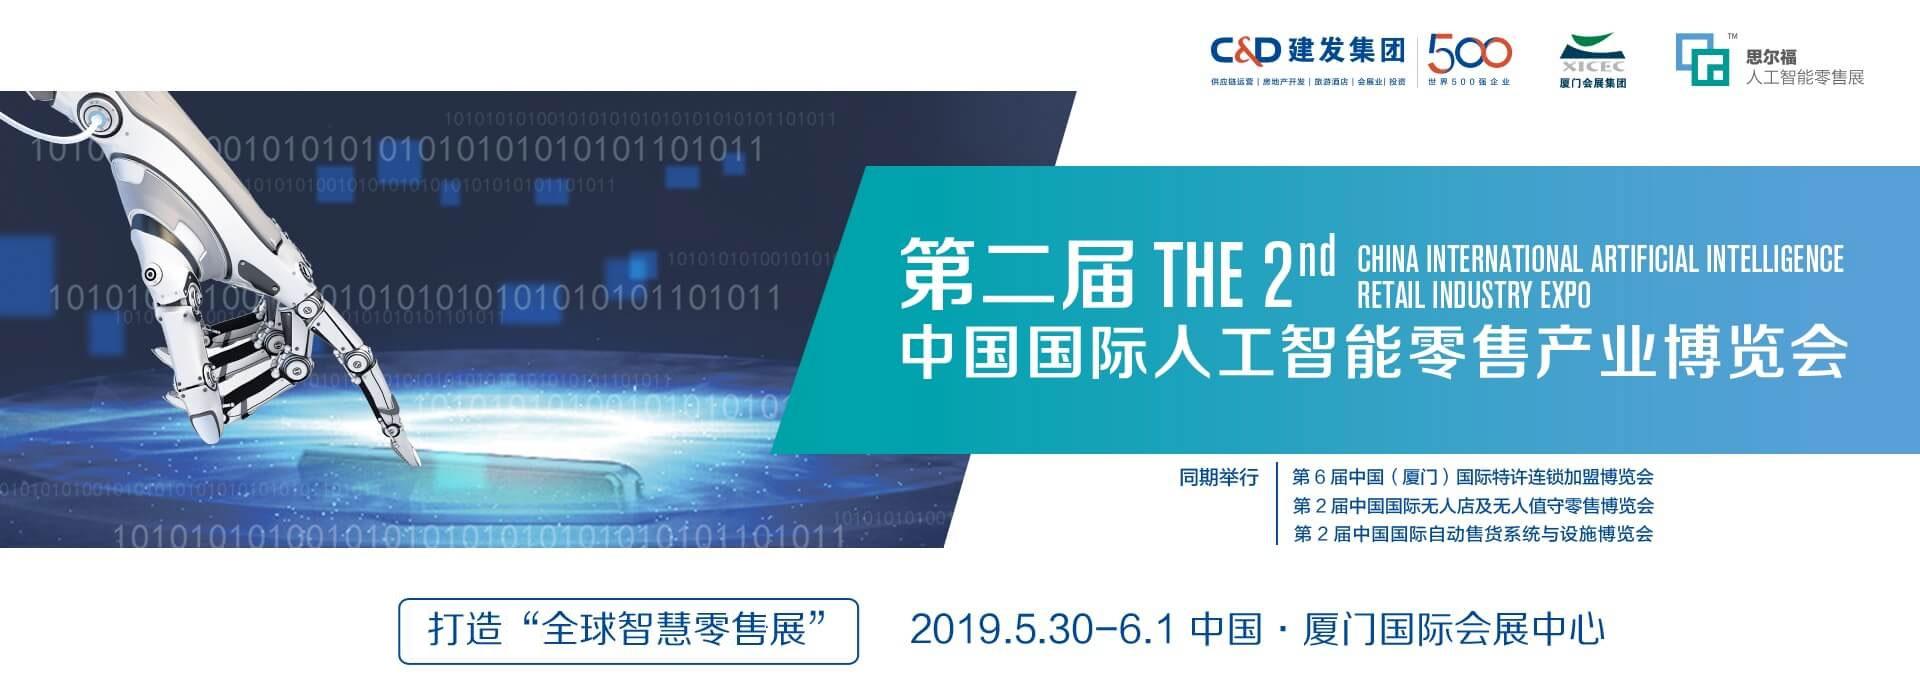 全球智慧零售品牌展―第2届中国国际人工智能零售产业博览会横幅banner